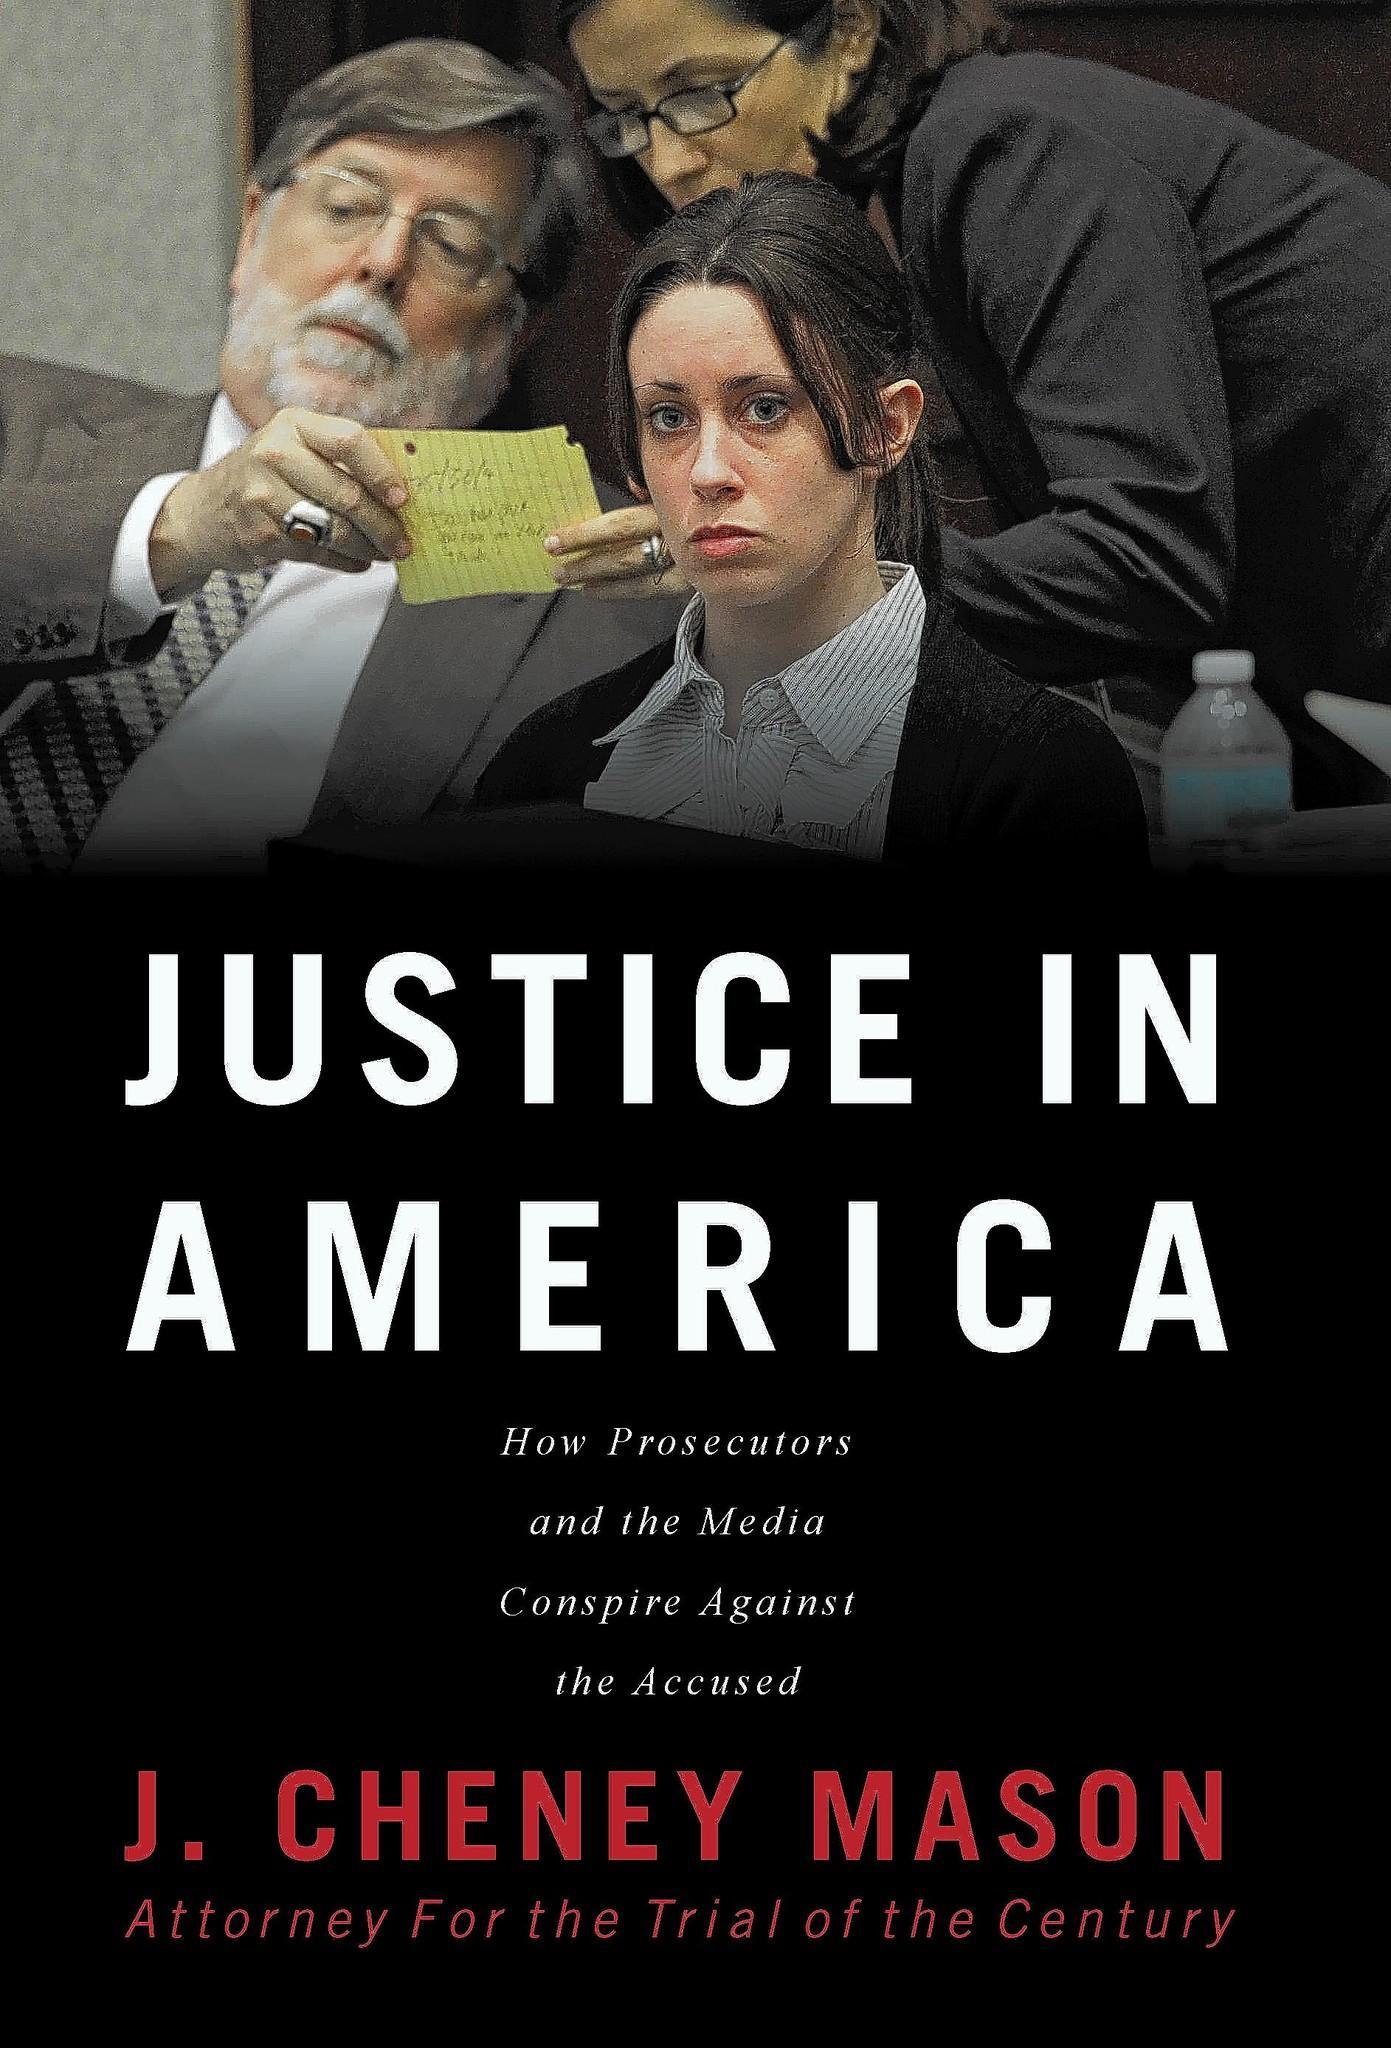 J. Cheney Mason's new book on Casey Anthony.